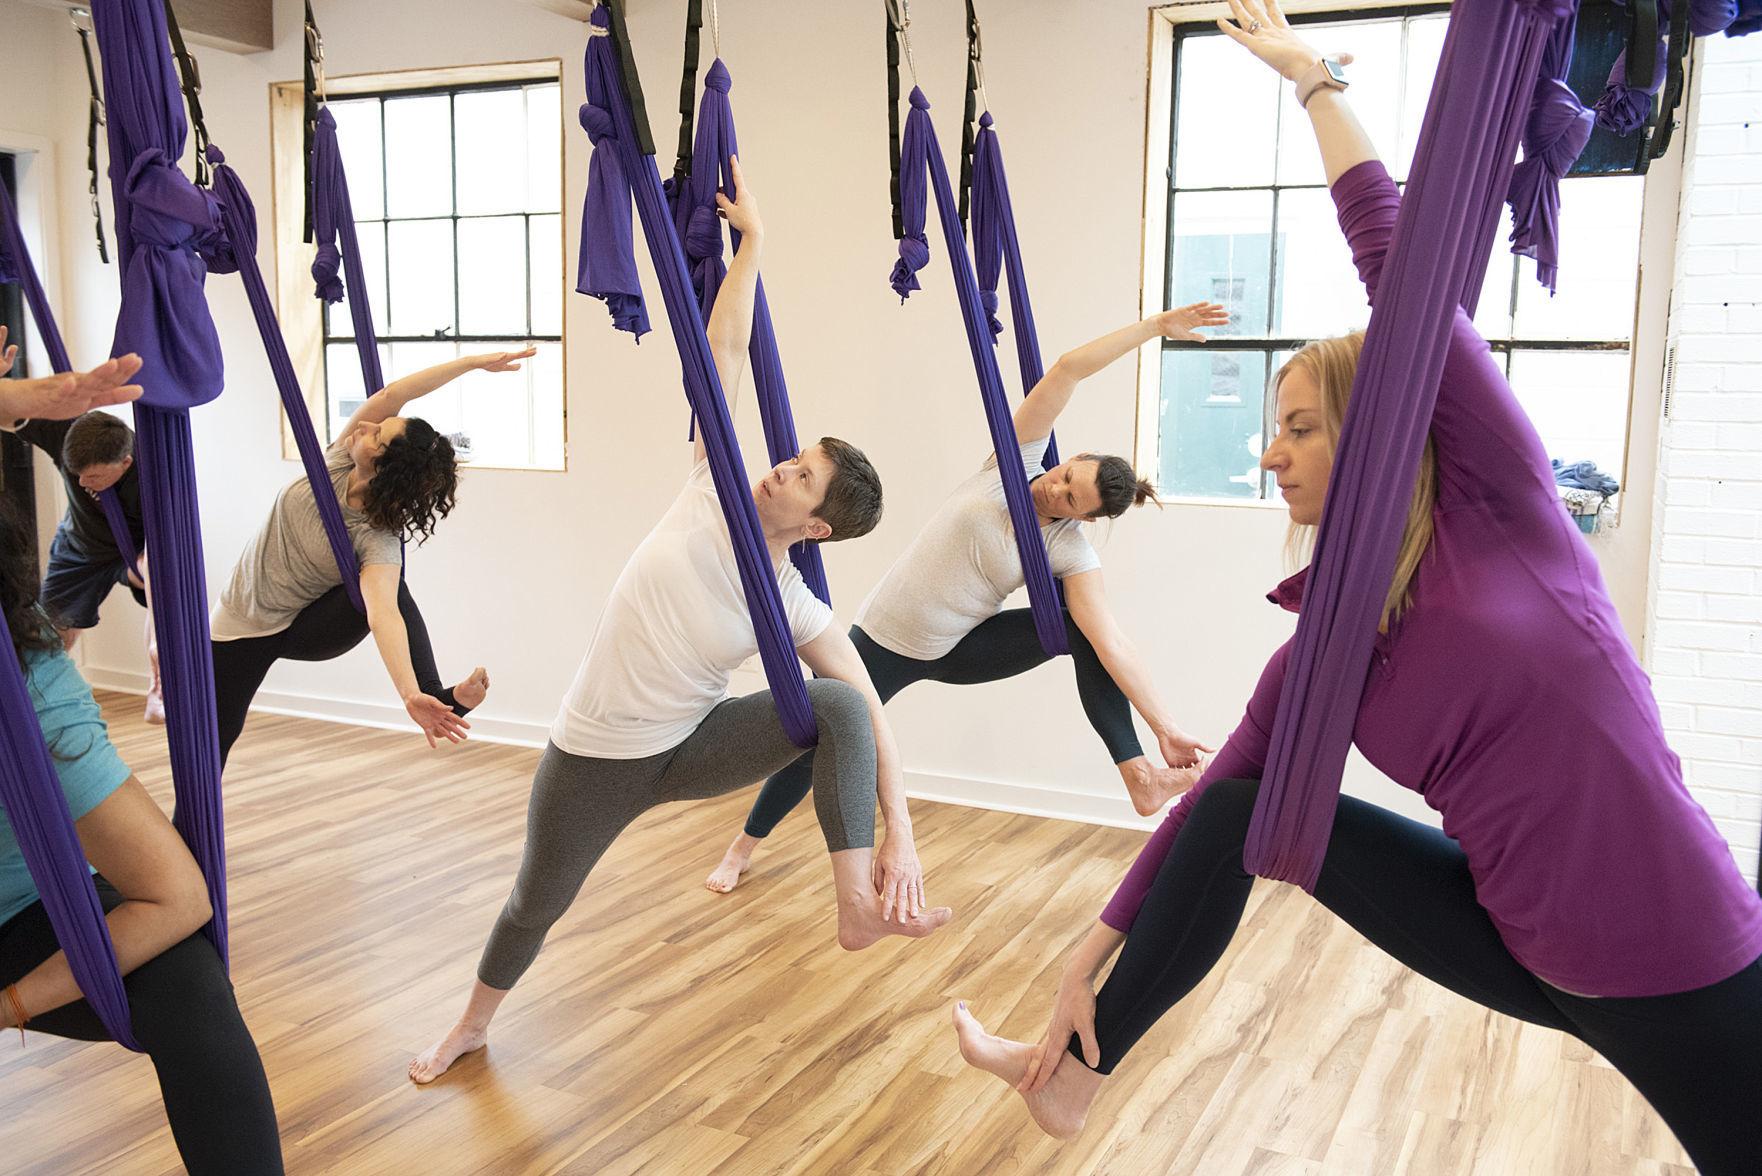 6137b5020c Sol Yoga Frederick Md Related Keywords & Suggestions - Sol Yoga ...